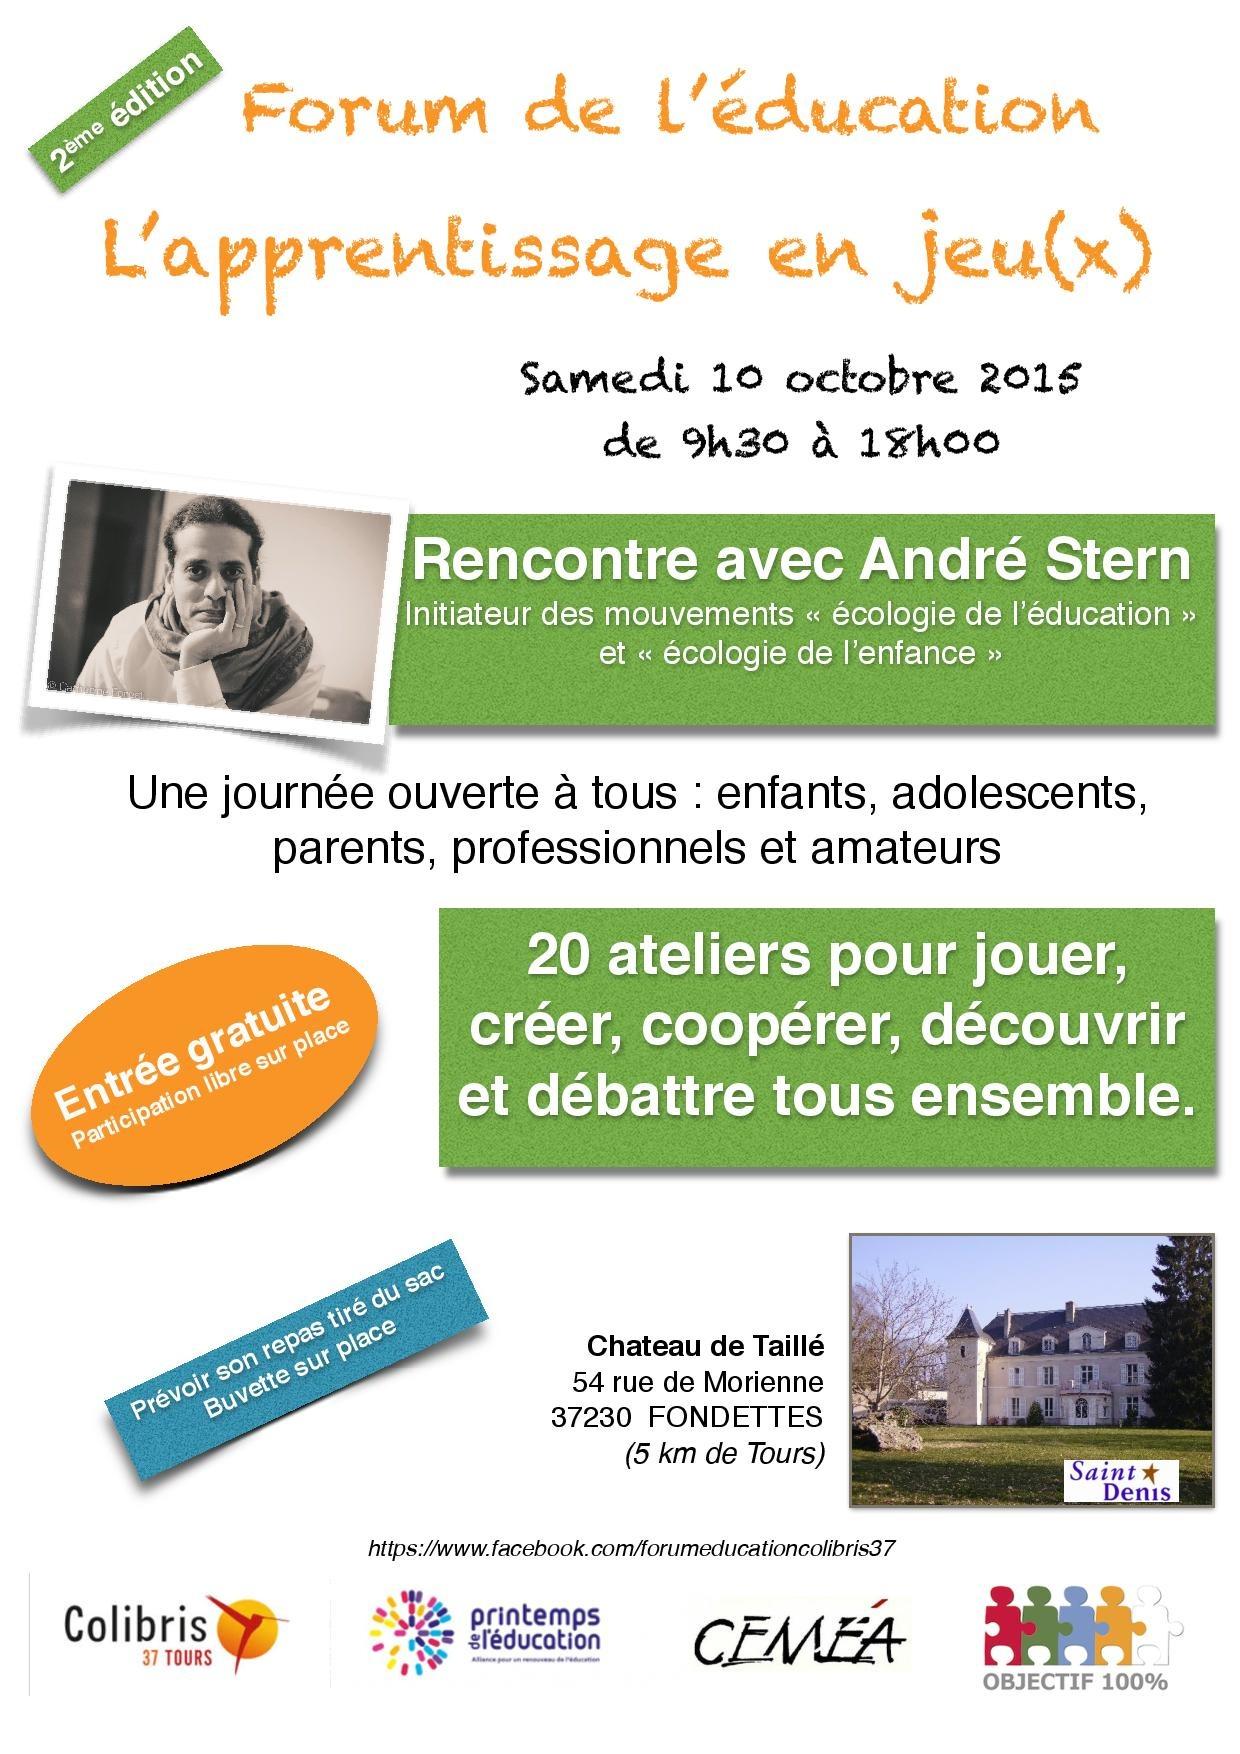 evfevent deuxieme-forum-de-l-education-de-tours 878865.jpg 4eee8f44a013